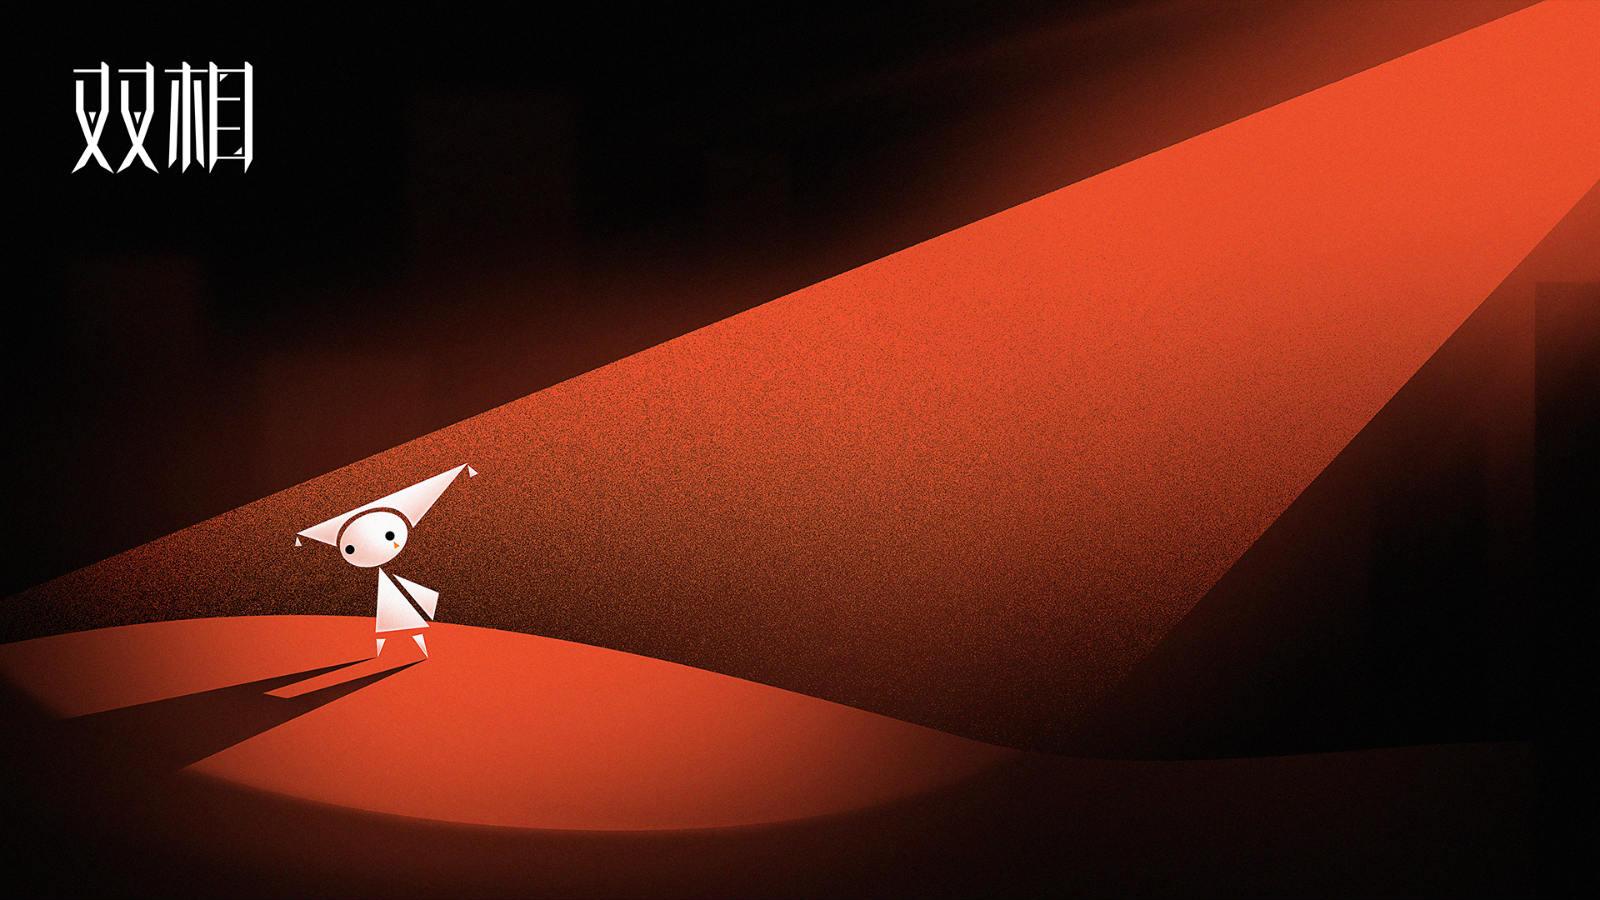 公益游戏《双相》海外获赞,西山居探索游戏社会价值 情报总局-第1张